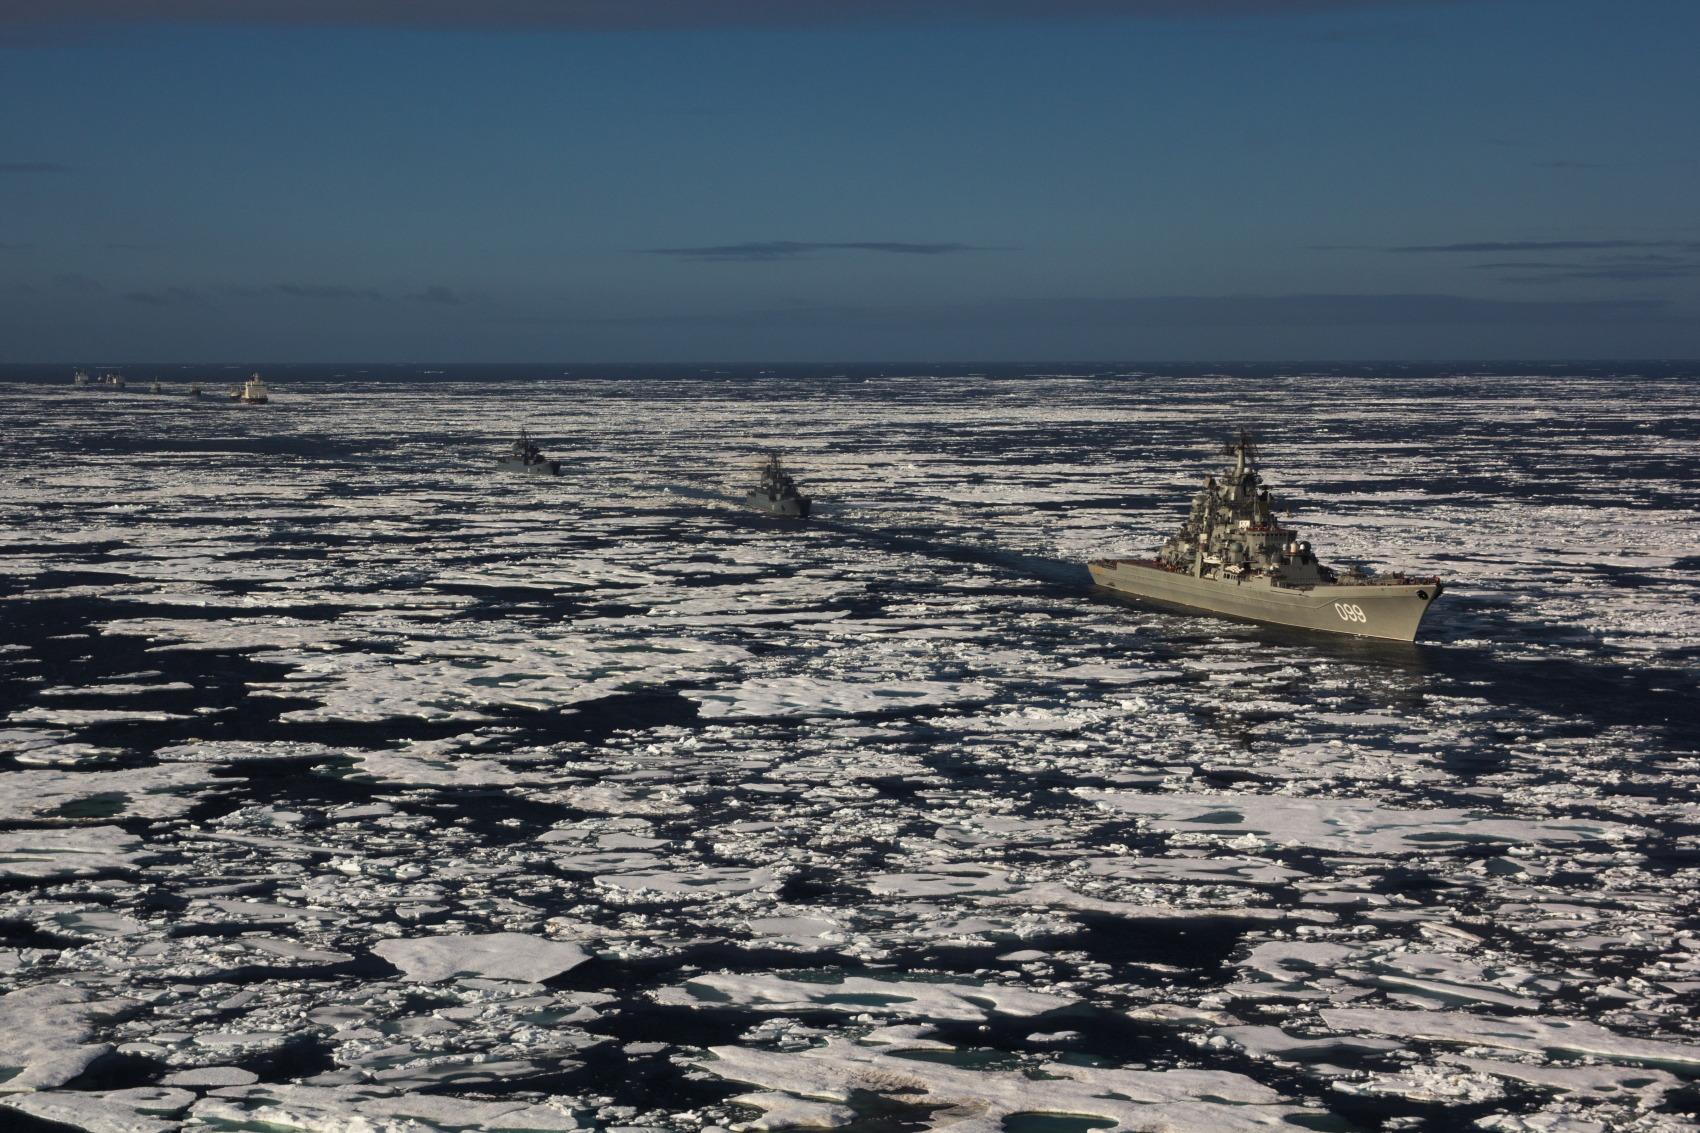 В Арктике создадут систему по обнаружению вражеских кораблей и подводных лодок